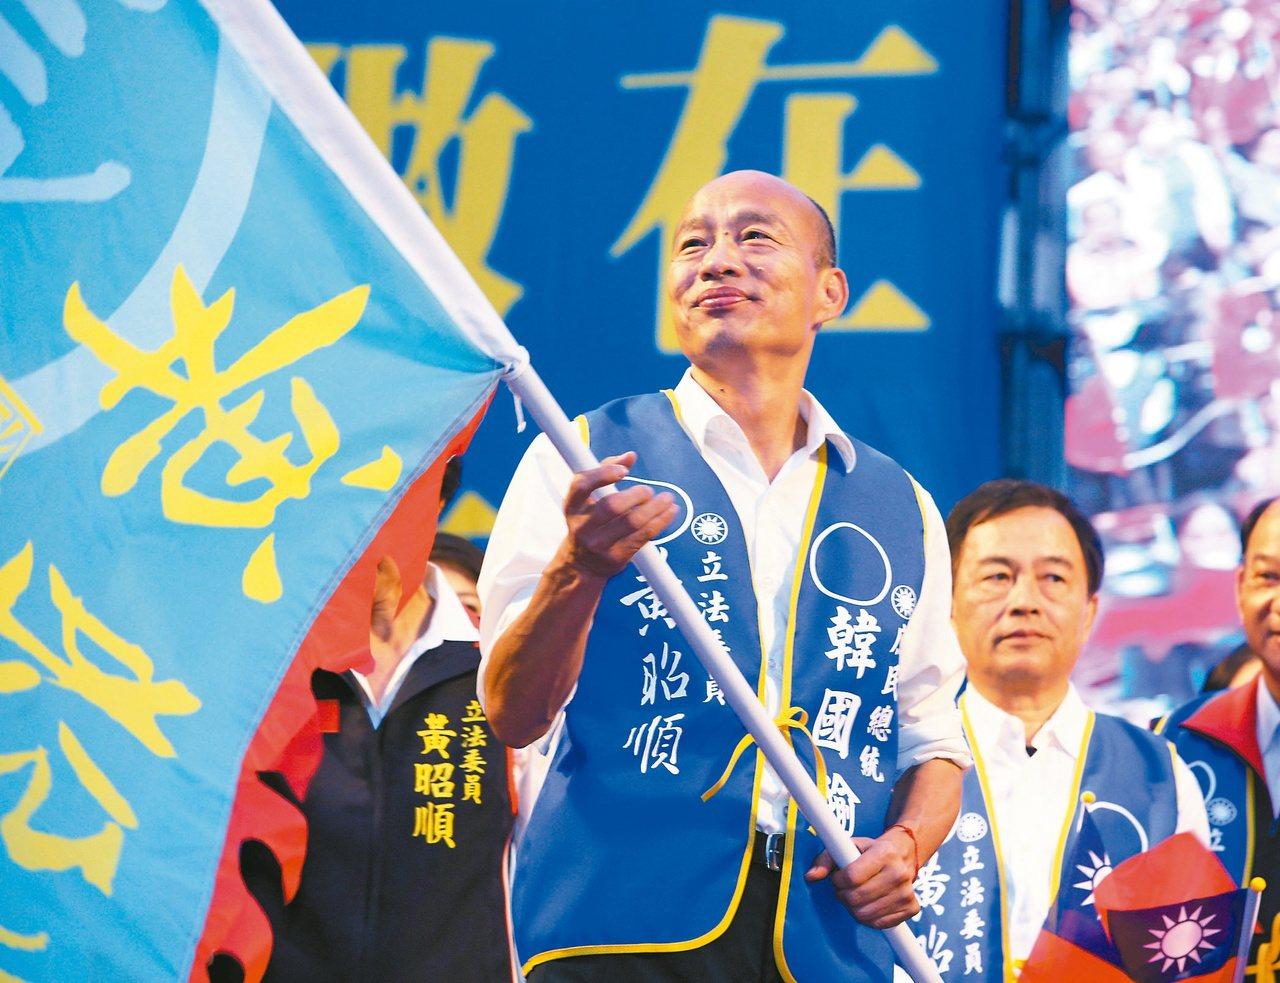 國民黨總統參選人韓國瑜昨天回防高雄,呼籲讓高雄出一個總統。記者劉學聖/攝影